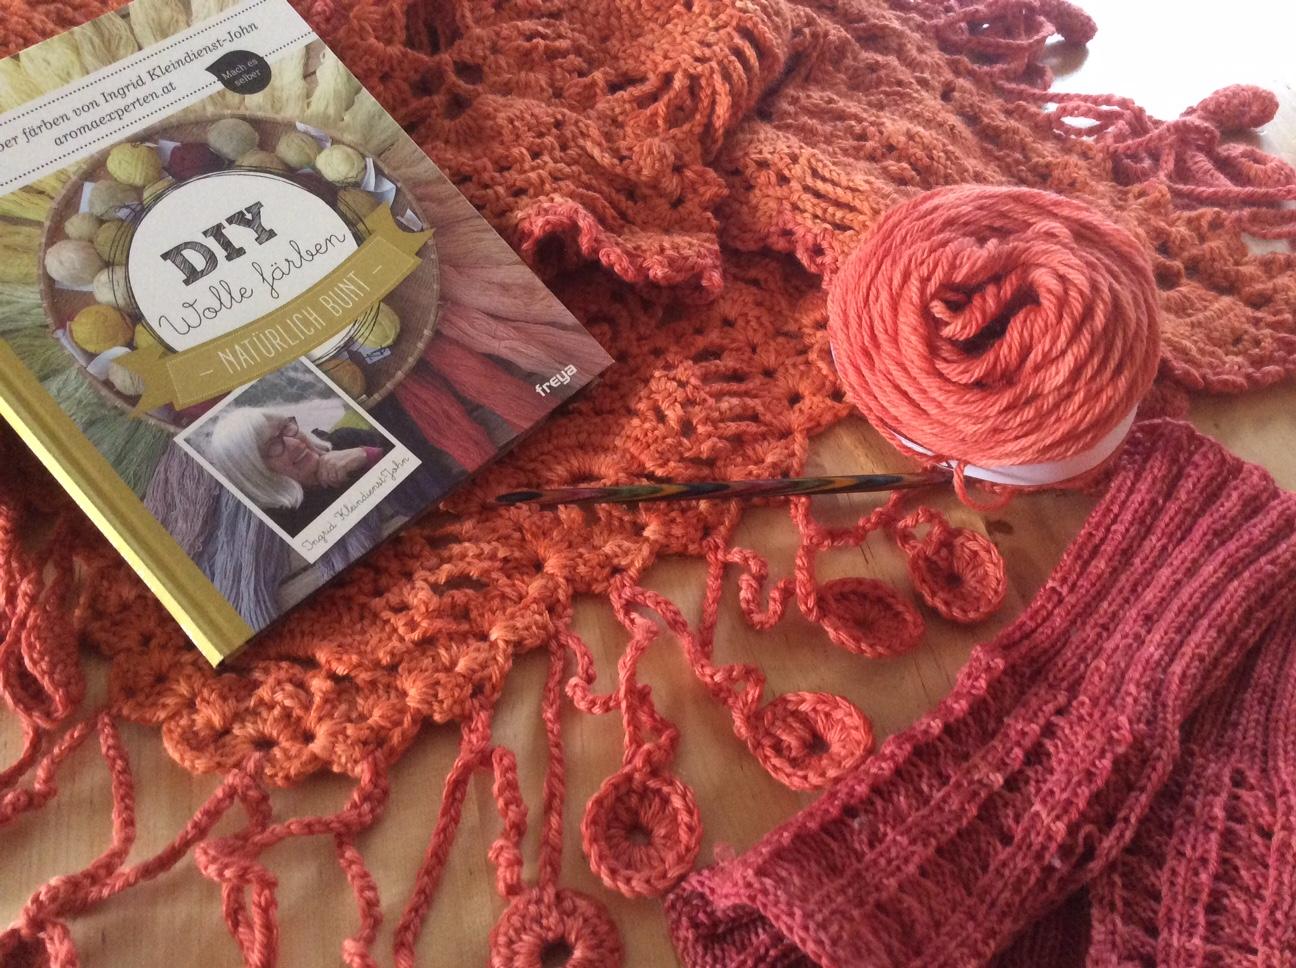 NatuerlichBuntDIYWolleFaerben - Buchtipp: Natürlich bunt -  DIY Wolle färben